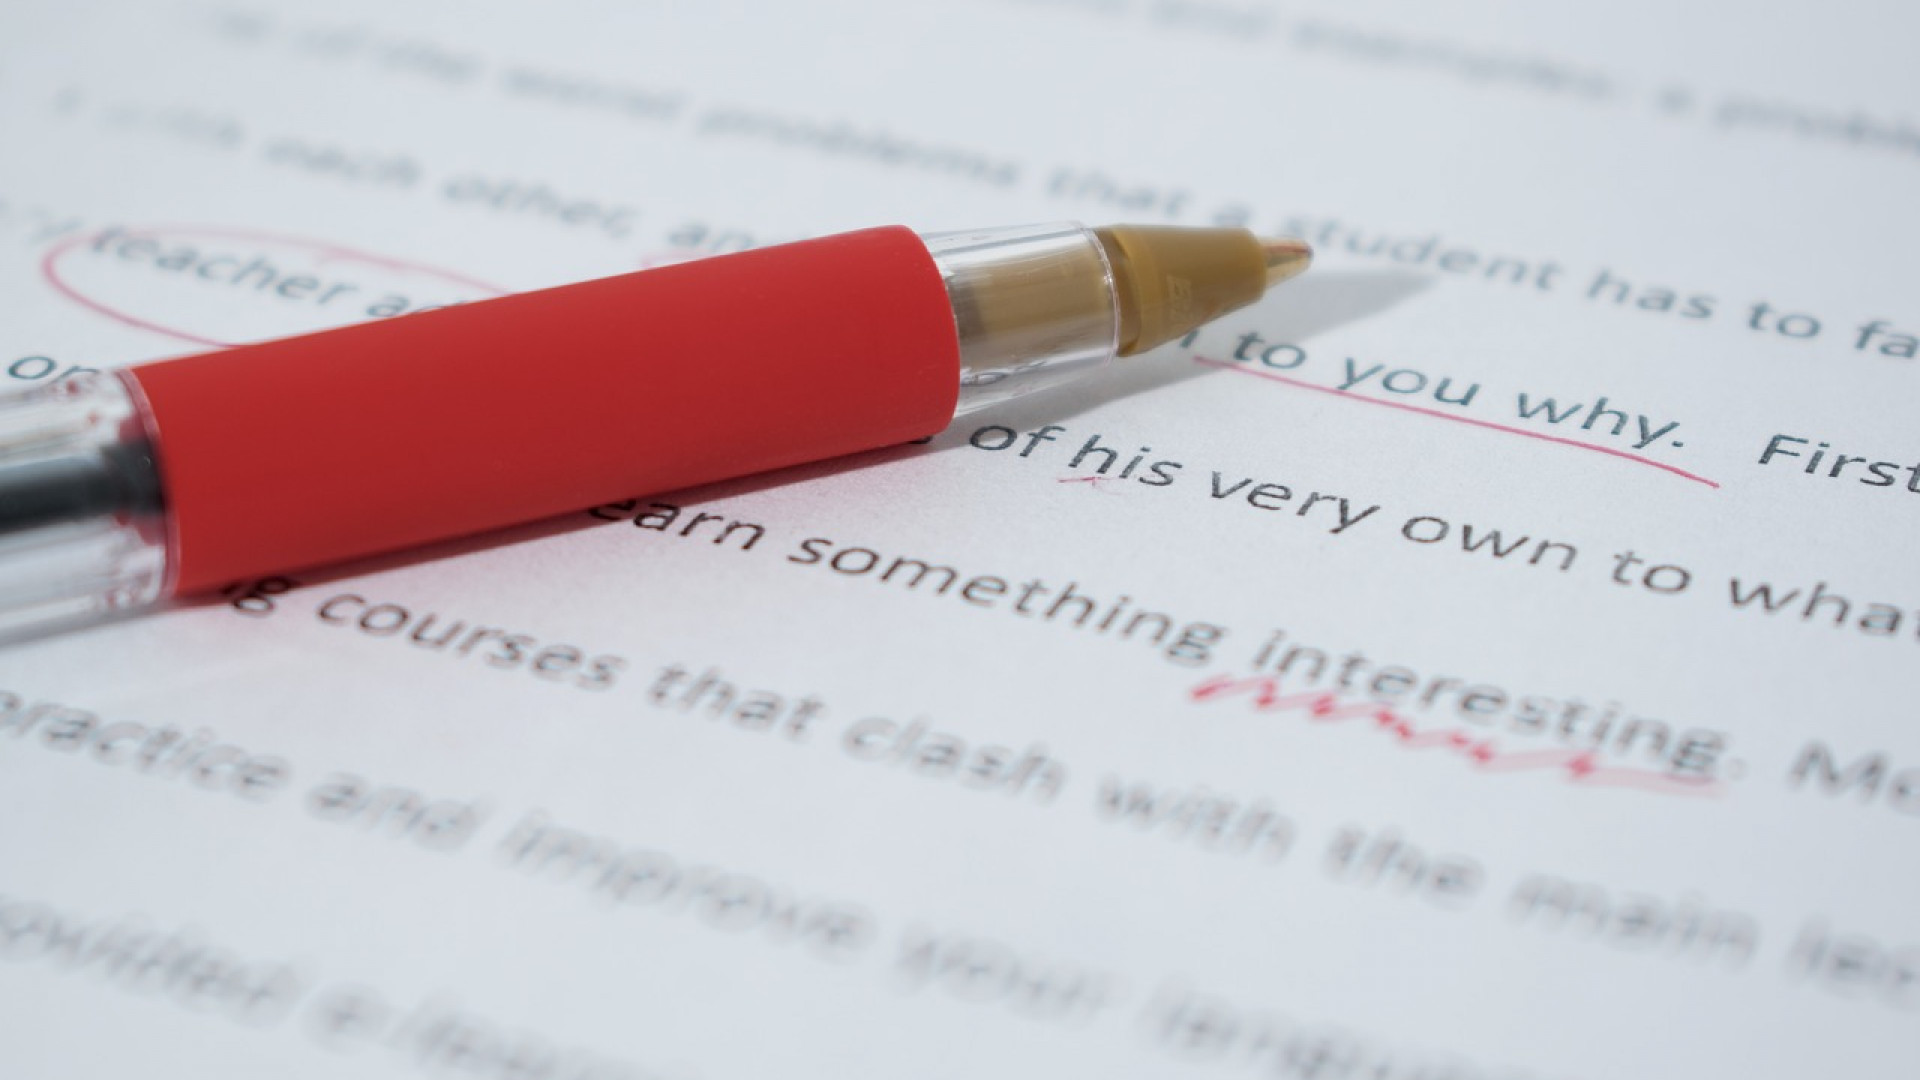 Pourquoi suivre une formation en orthographe